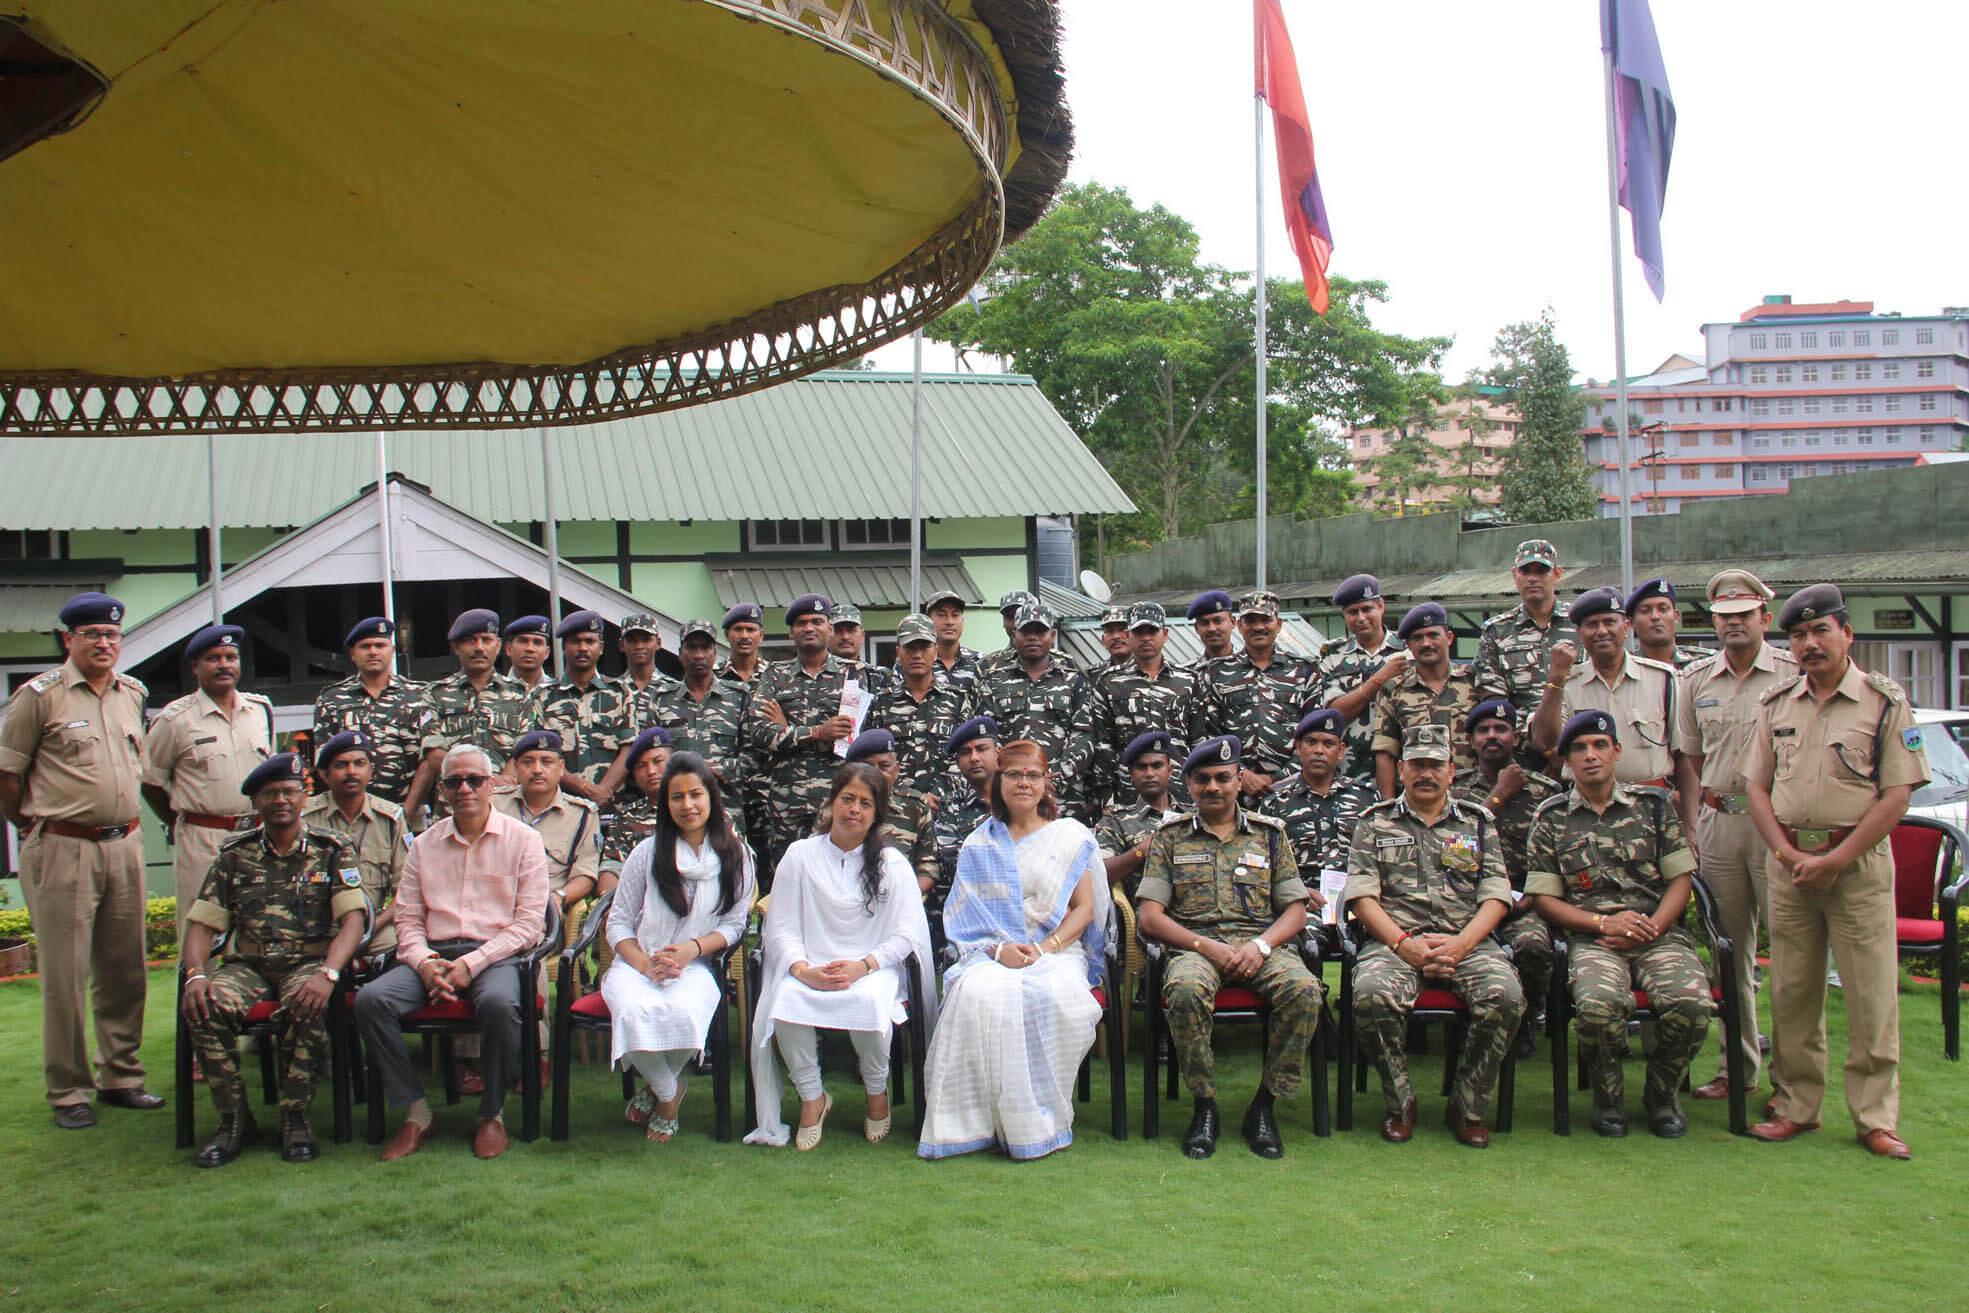 CRPF jawans celebrate Raksha Bandhan, Shillong